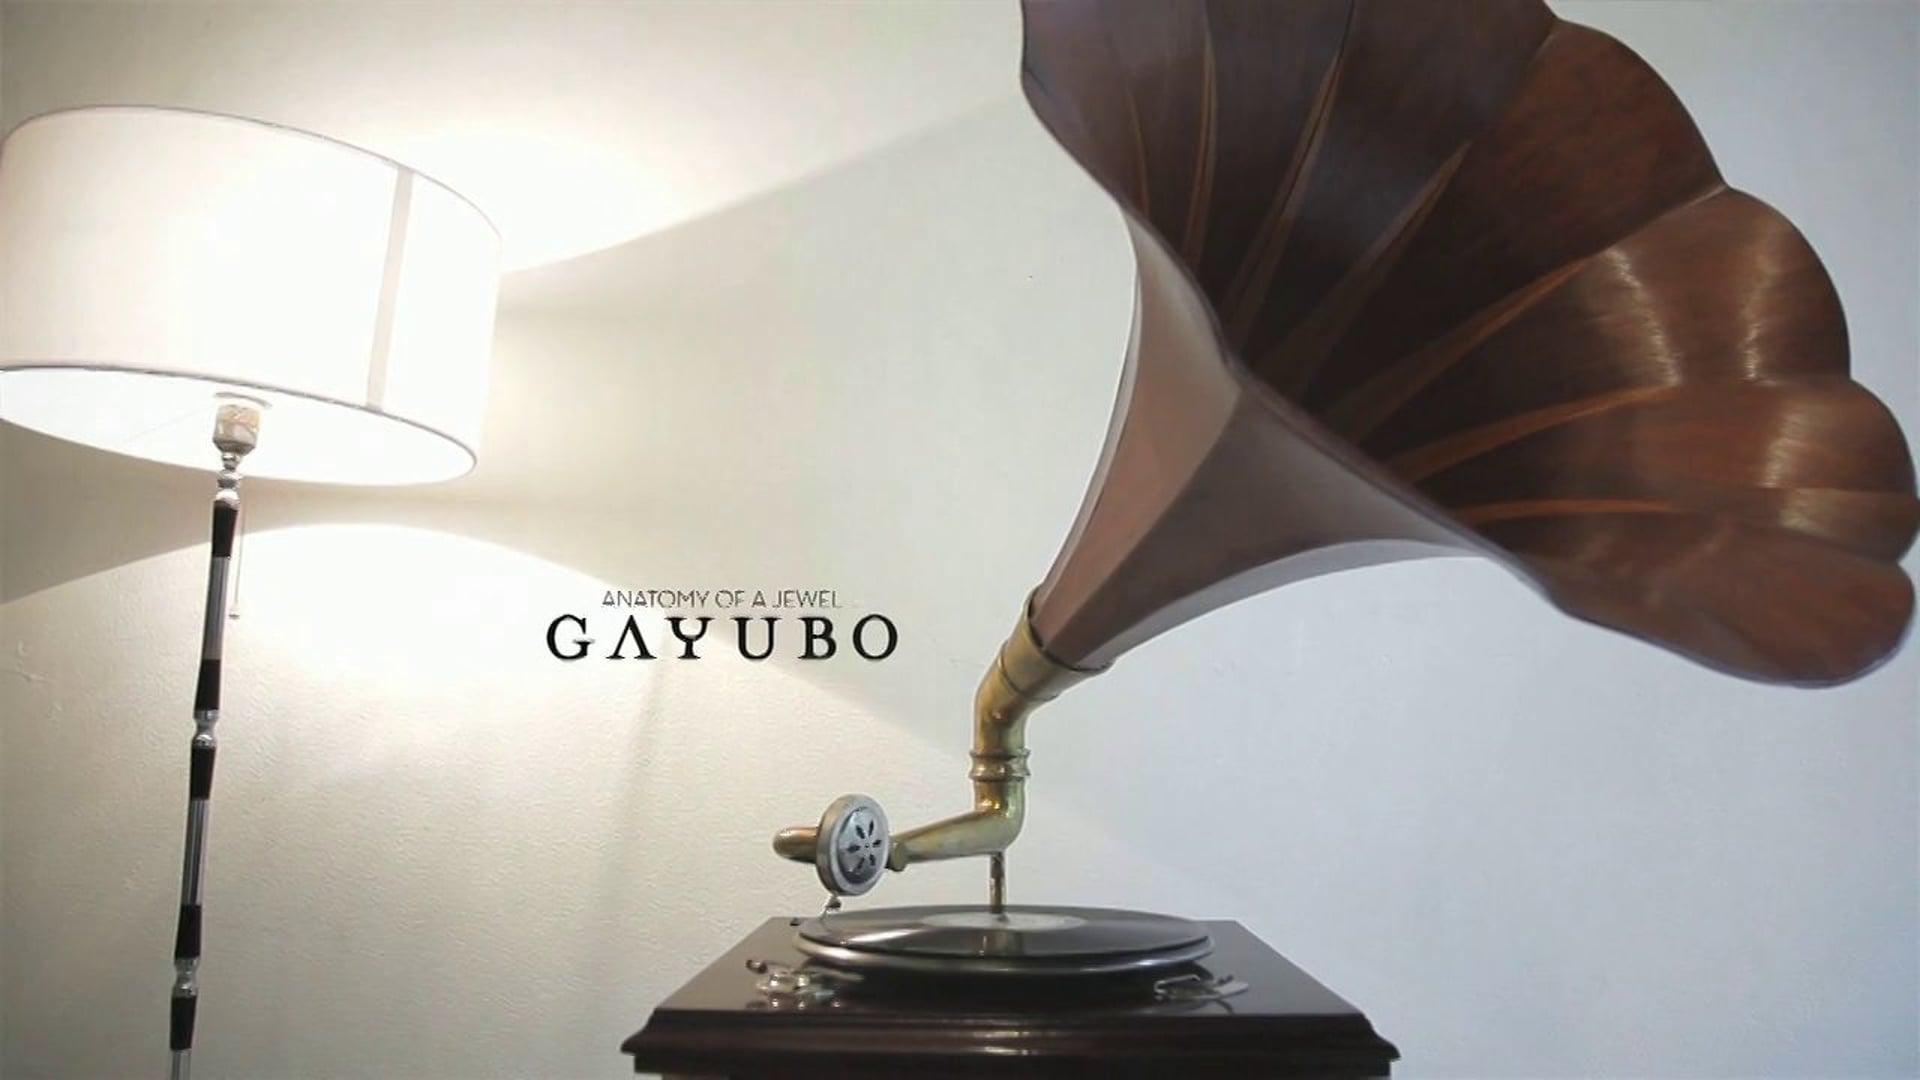 Anatomy of a Jewel by Gayubo